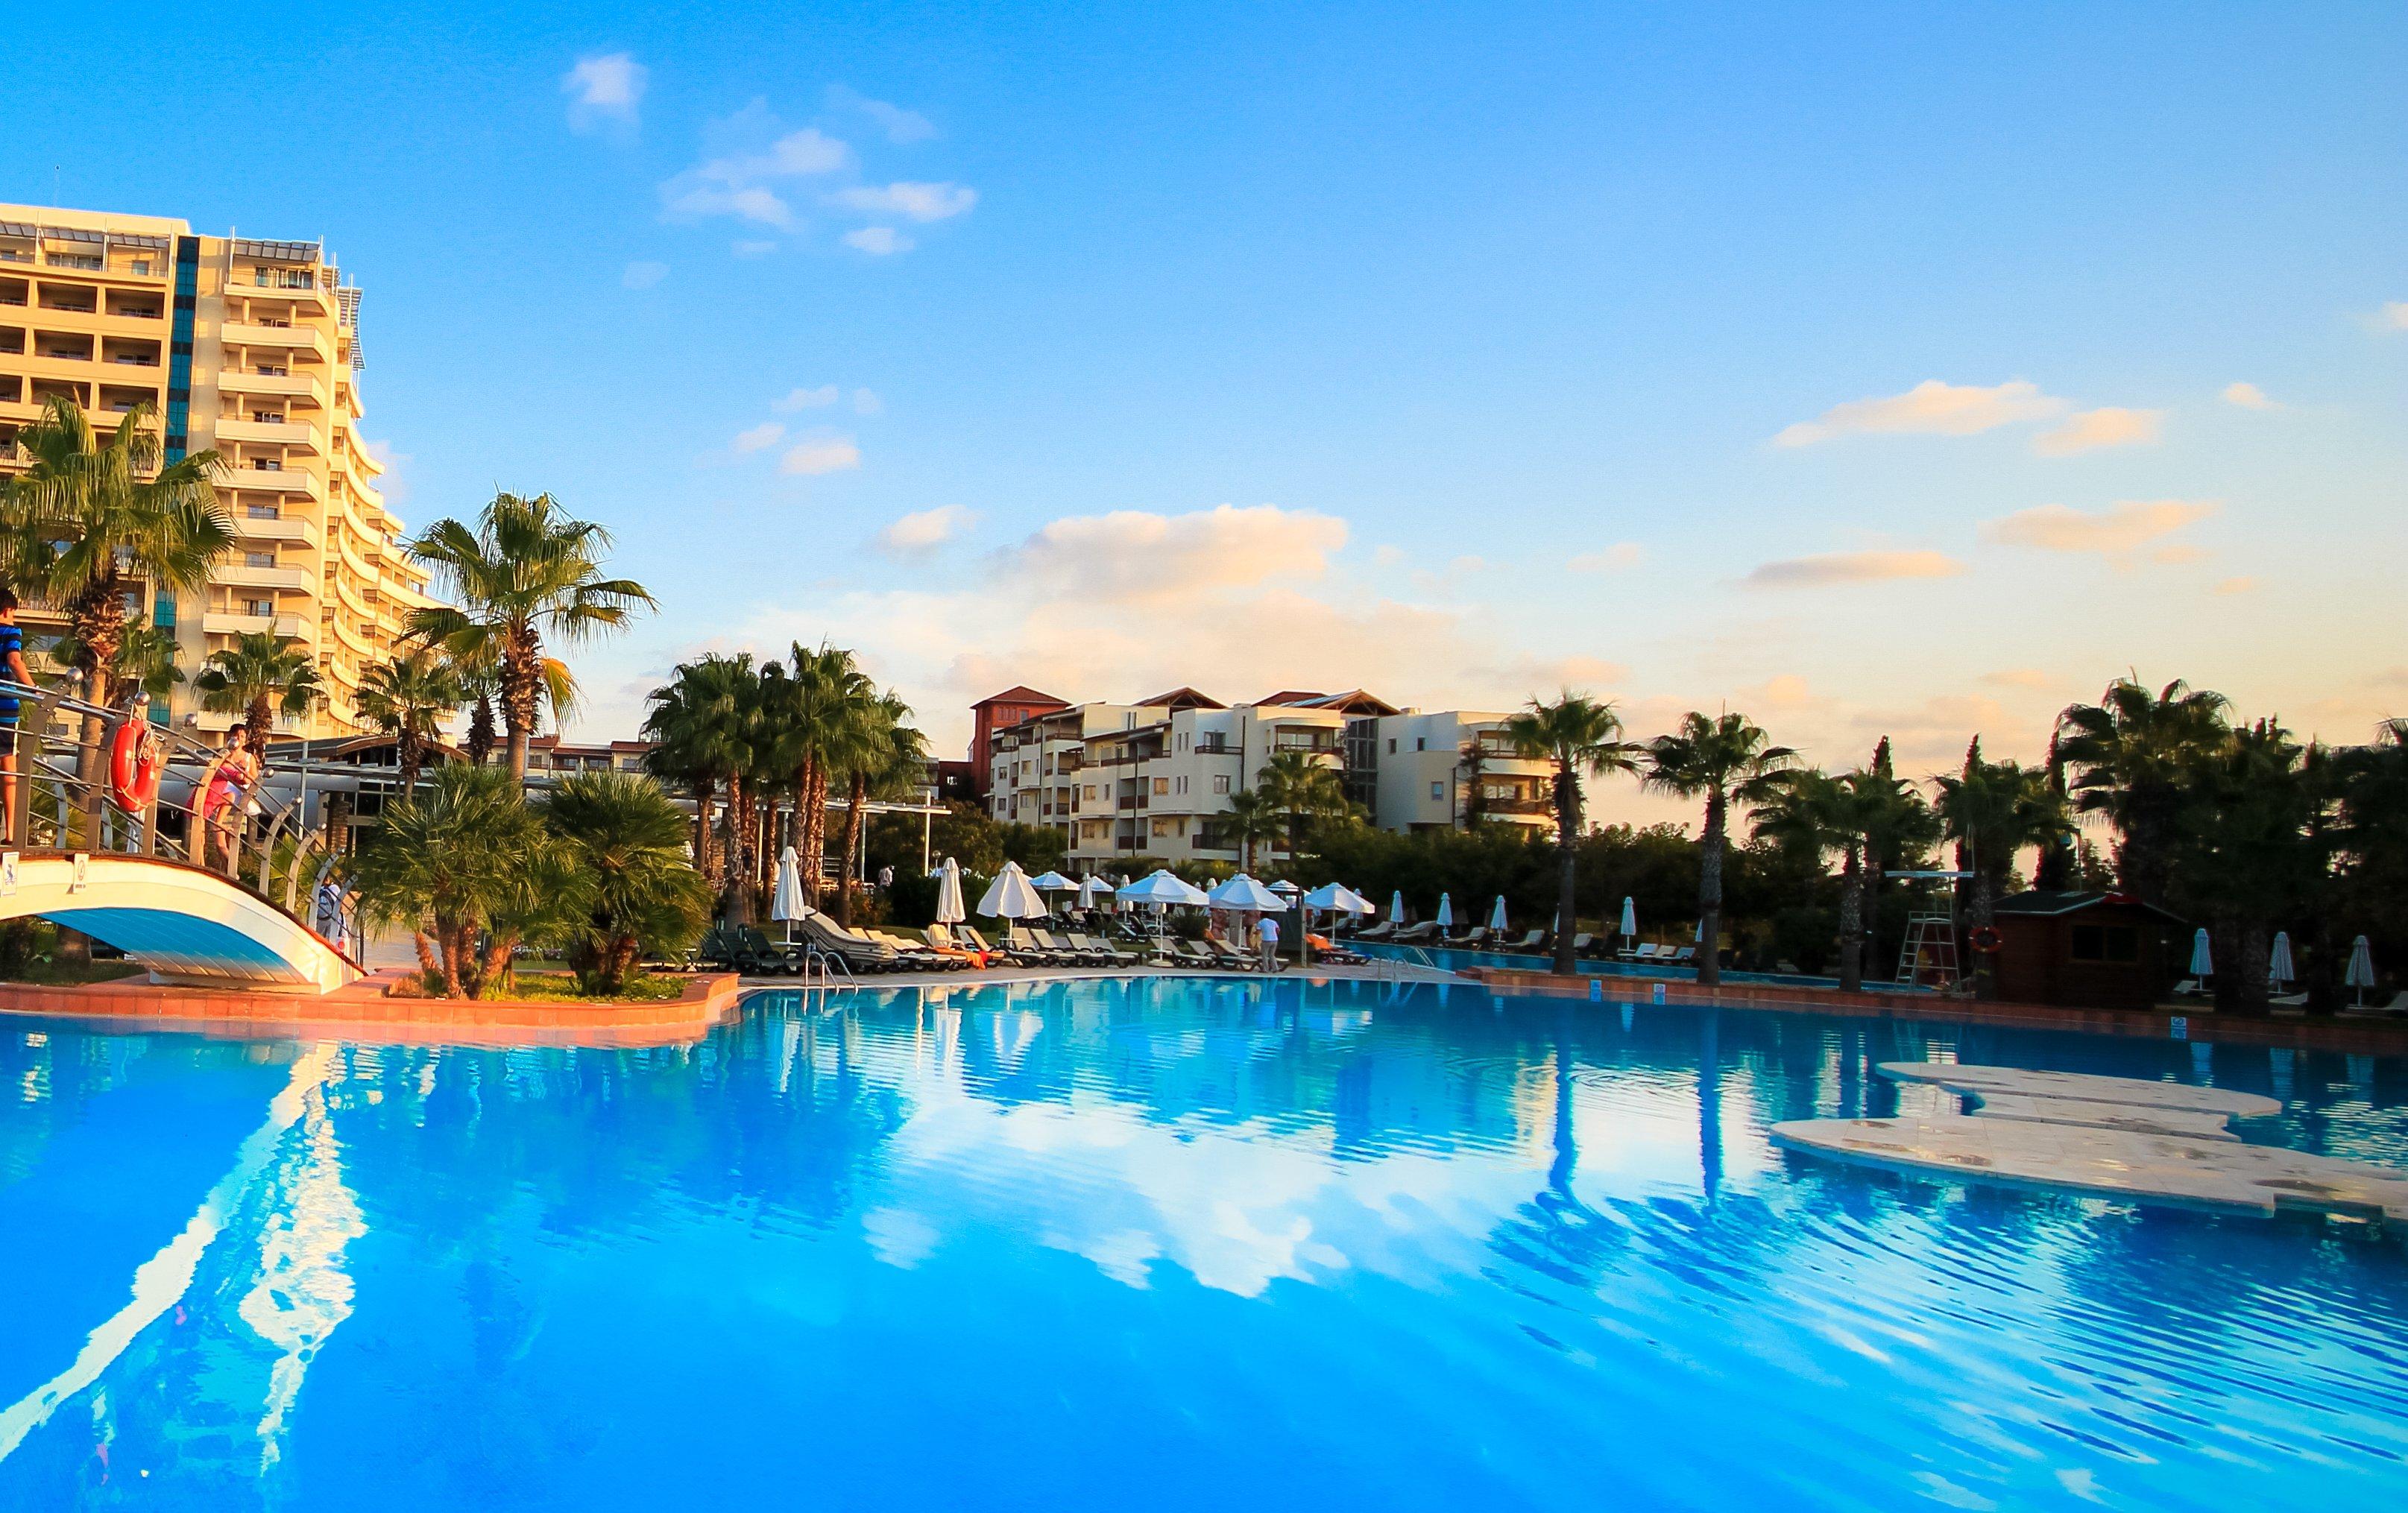 Бассейн в турецком отеле